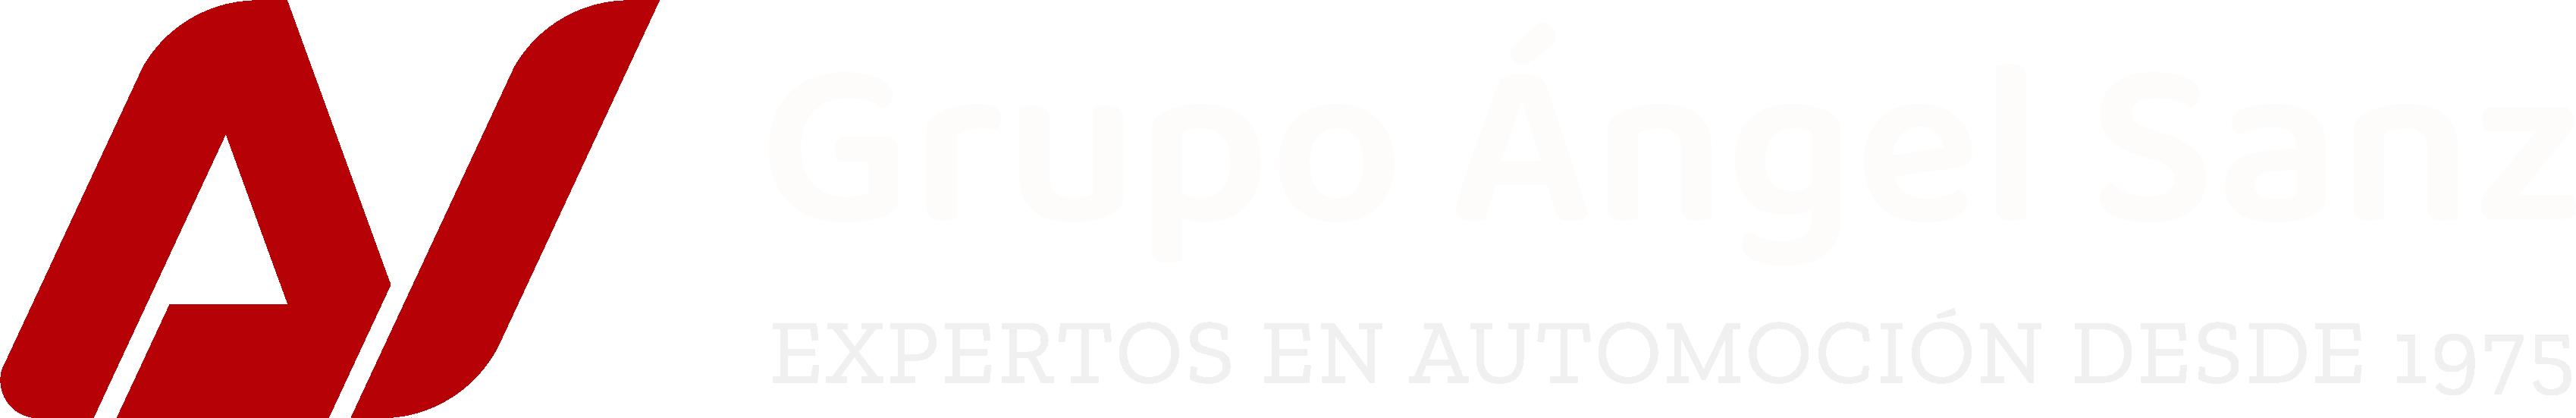 Grupo Ángel Sanz